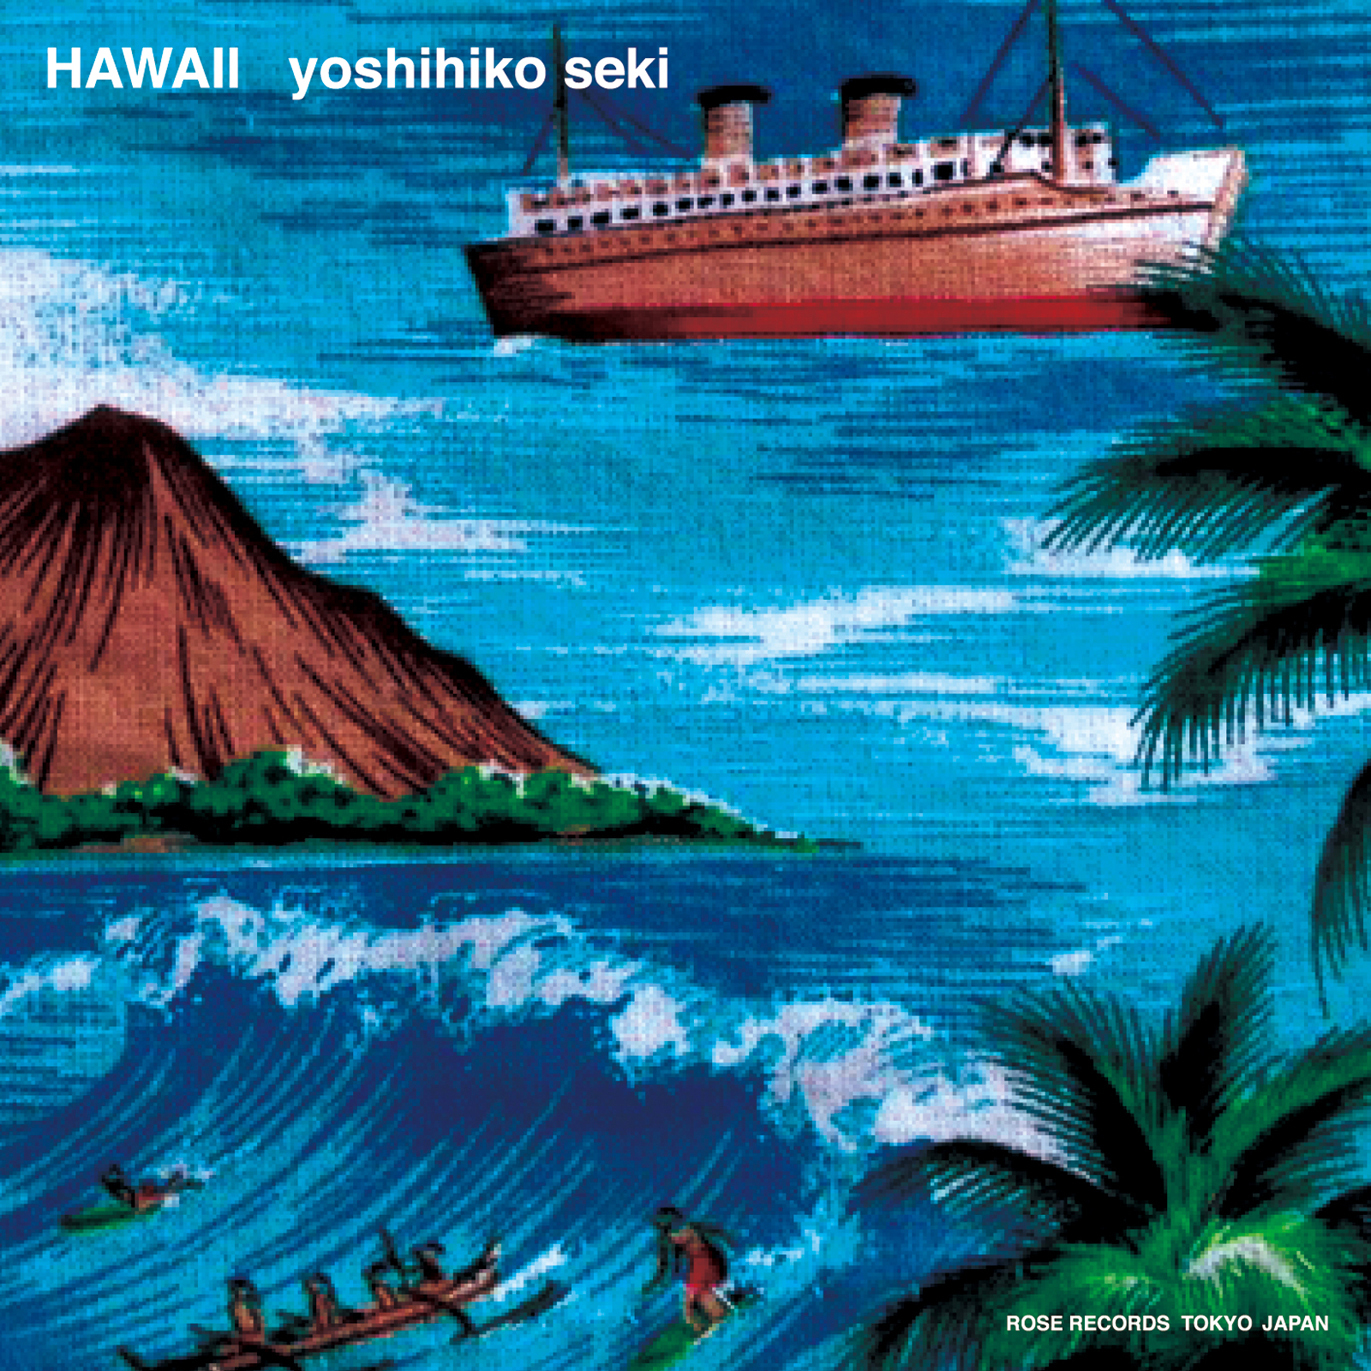 Hawaii 関美彦